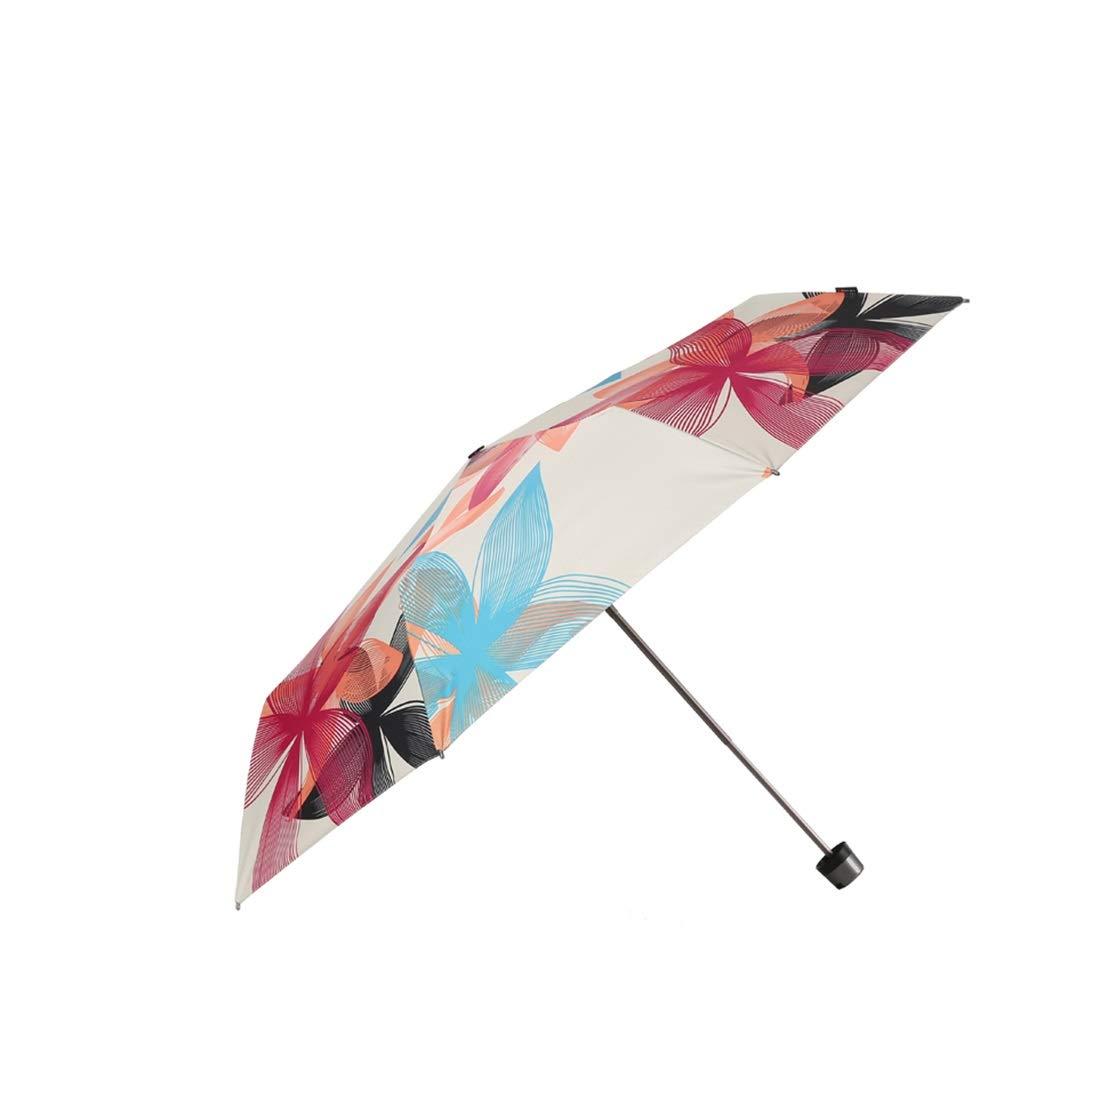 Hexiansheng Windproof Travel Umbrella Compact Mini Umbrella Windproof Folding Umbrella Suitable for Ladies, Men, Children 25cm